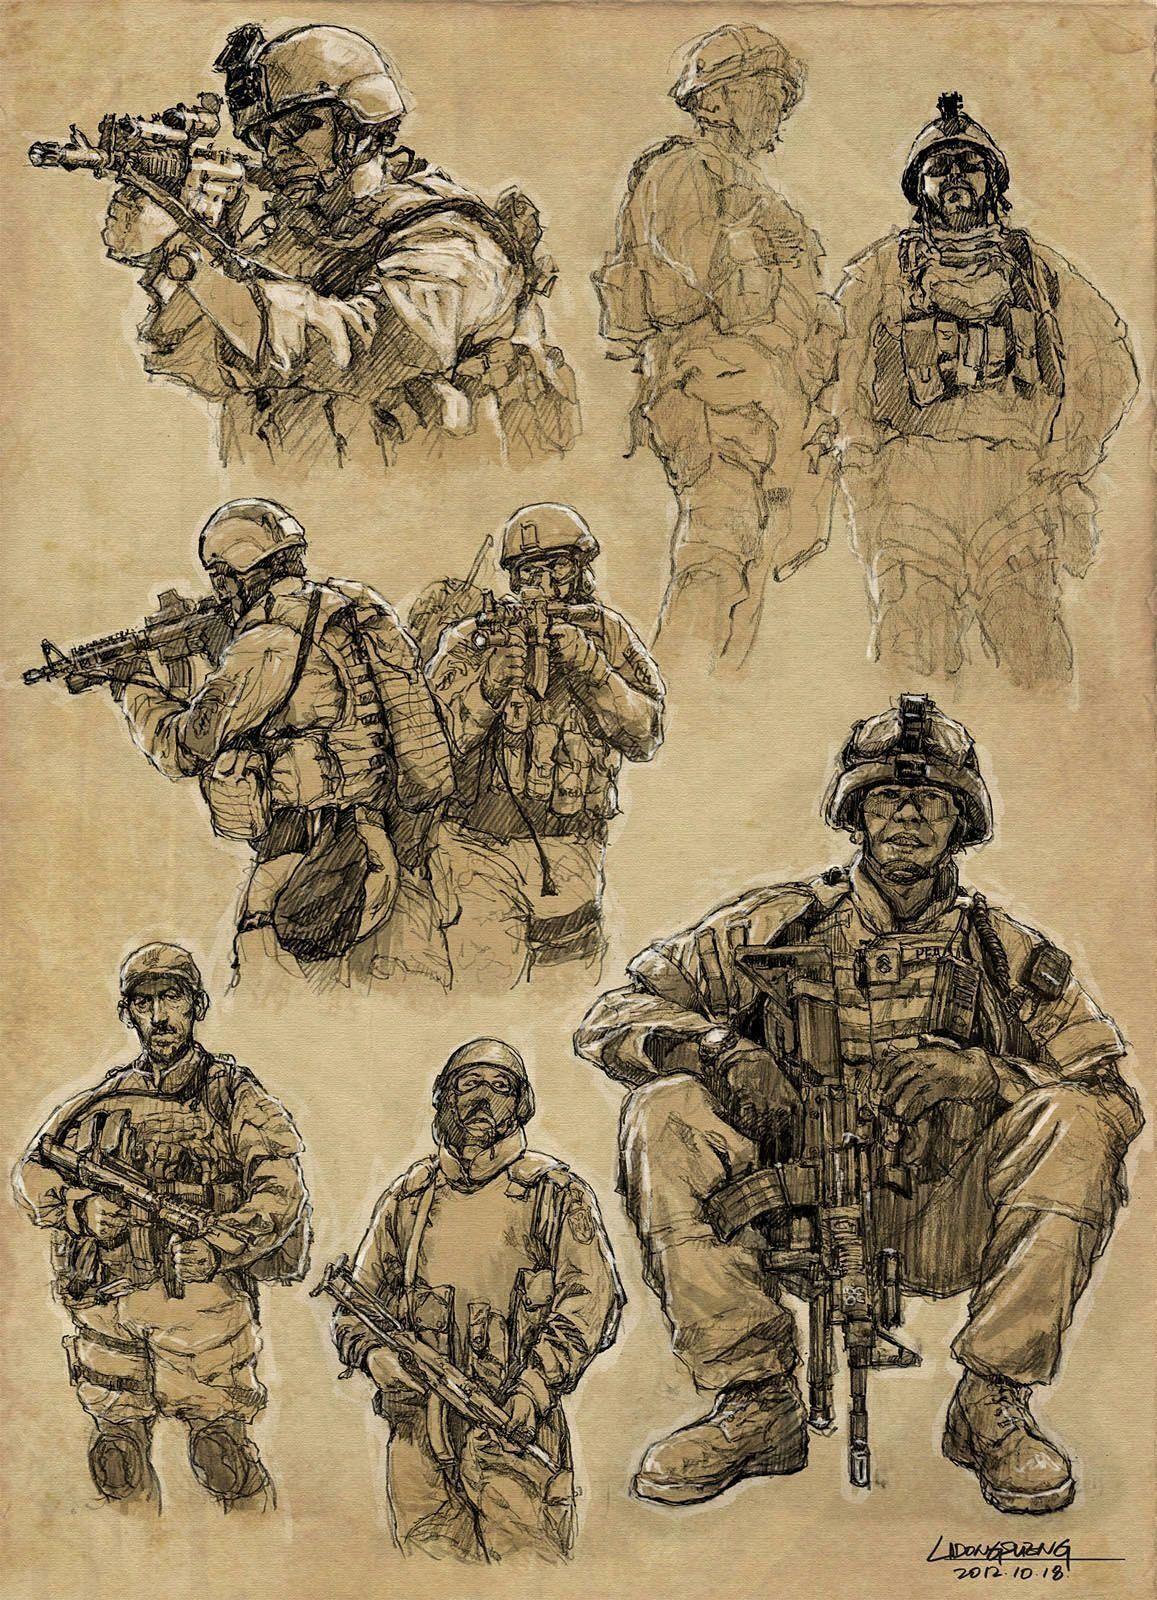 Malvorlagen Zum Thema Militar Luxus Militarkunstdruck Modern Sol Rs Luxus Malvorlagen Militar Militarkunstdruck Mode Zeichnungen Malvorlagen Kunstdruck